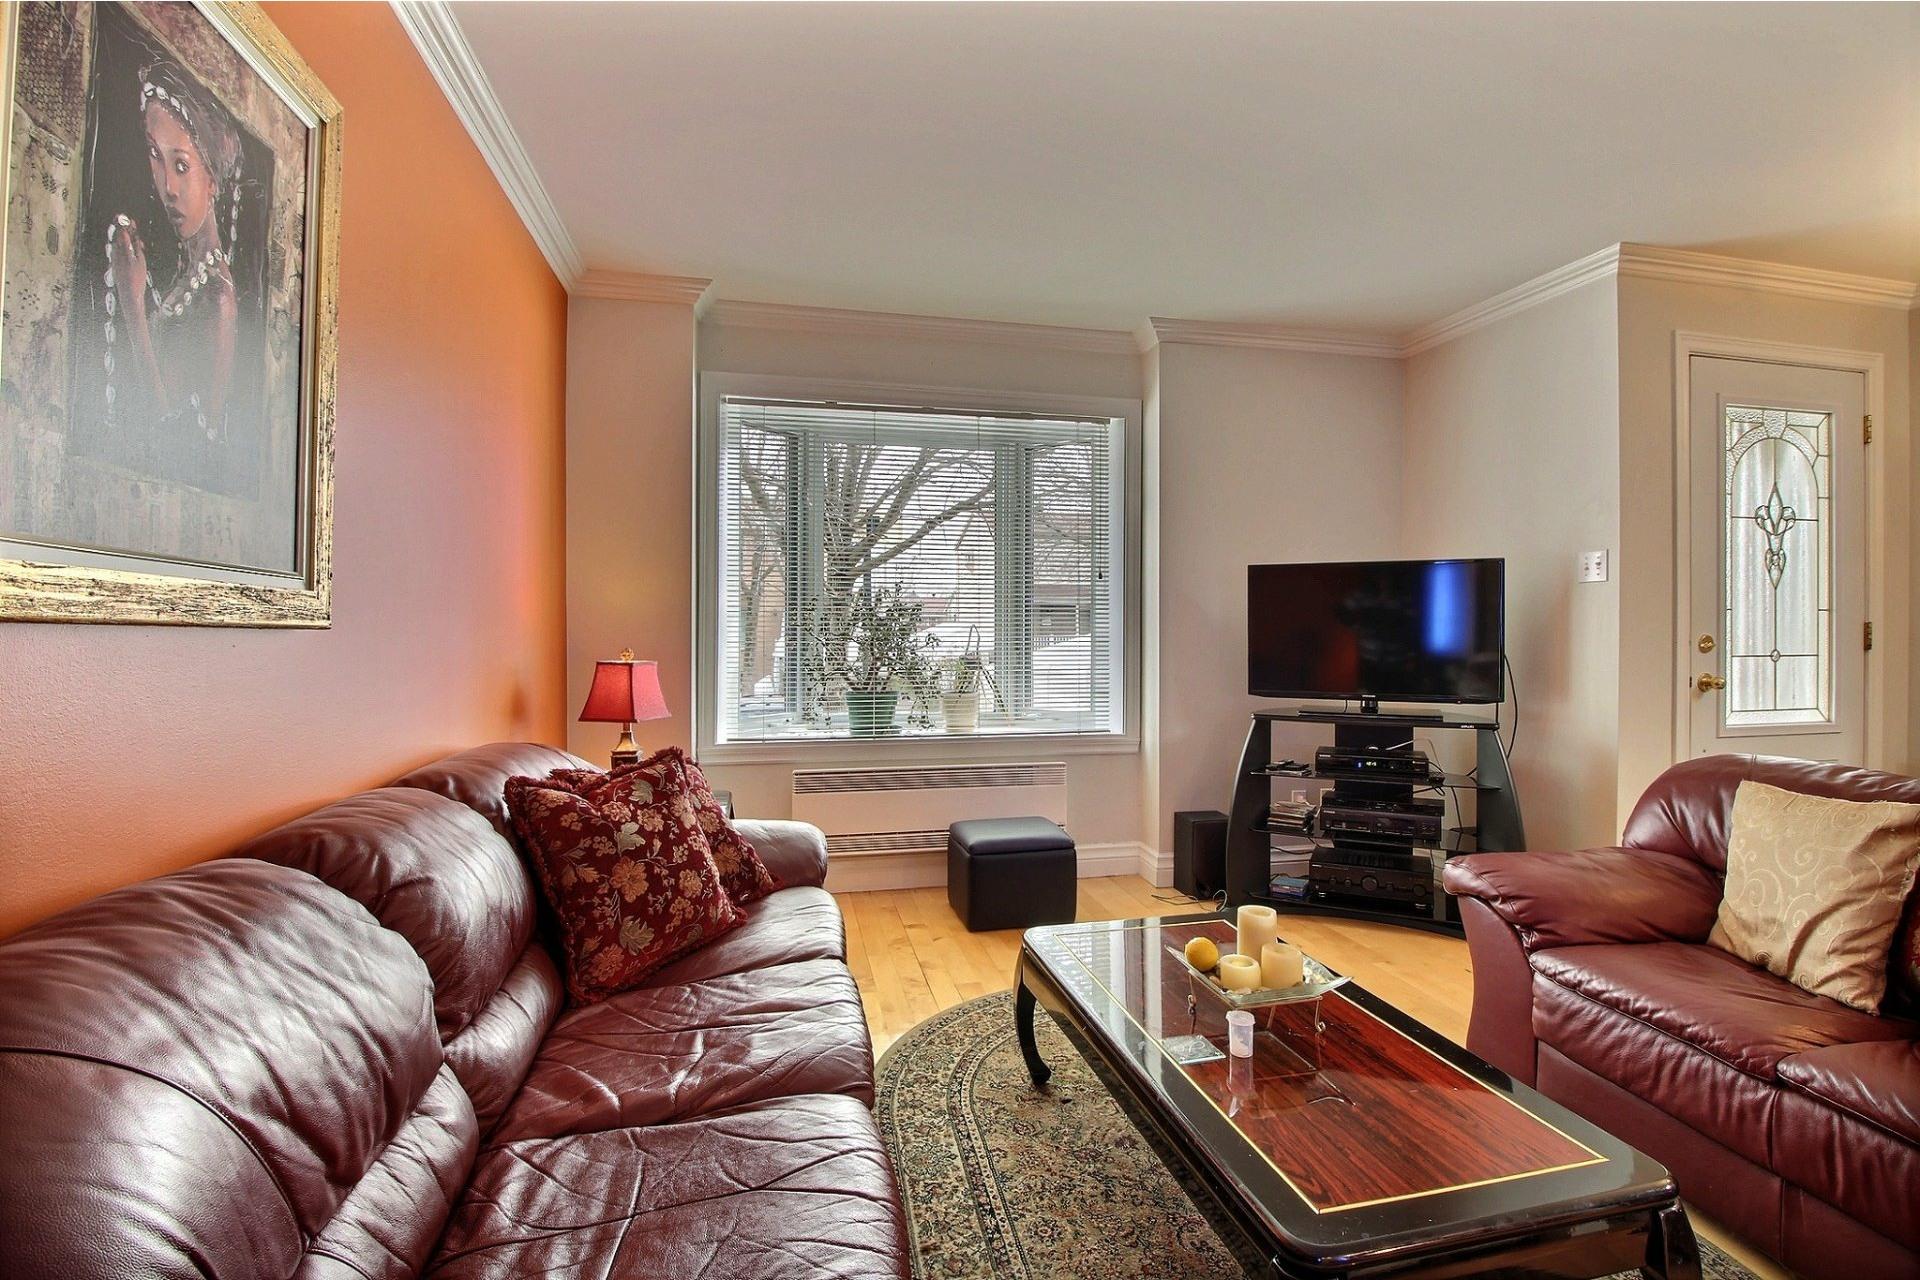 image 3 - Maison À vendre Montréal Rivière-des-Prairies/Pointe-aux-Trembles  - 8 pièces